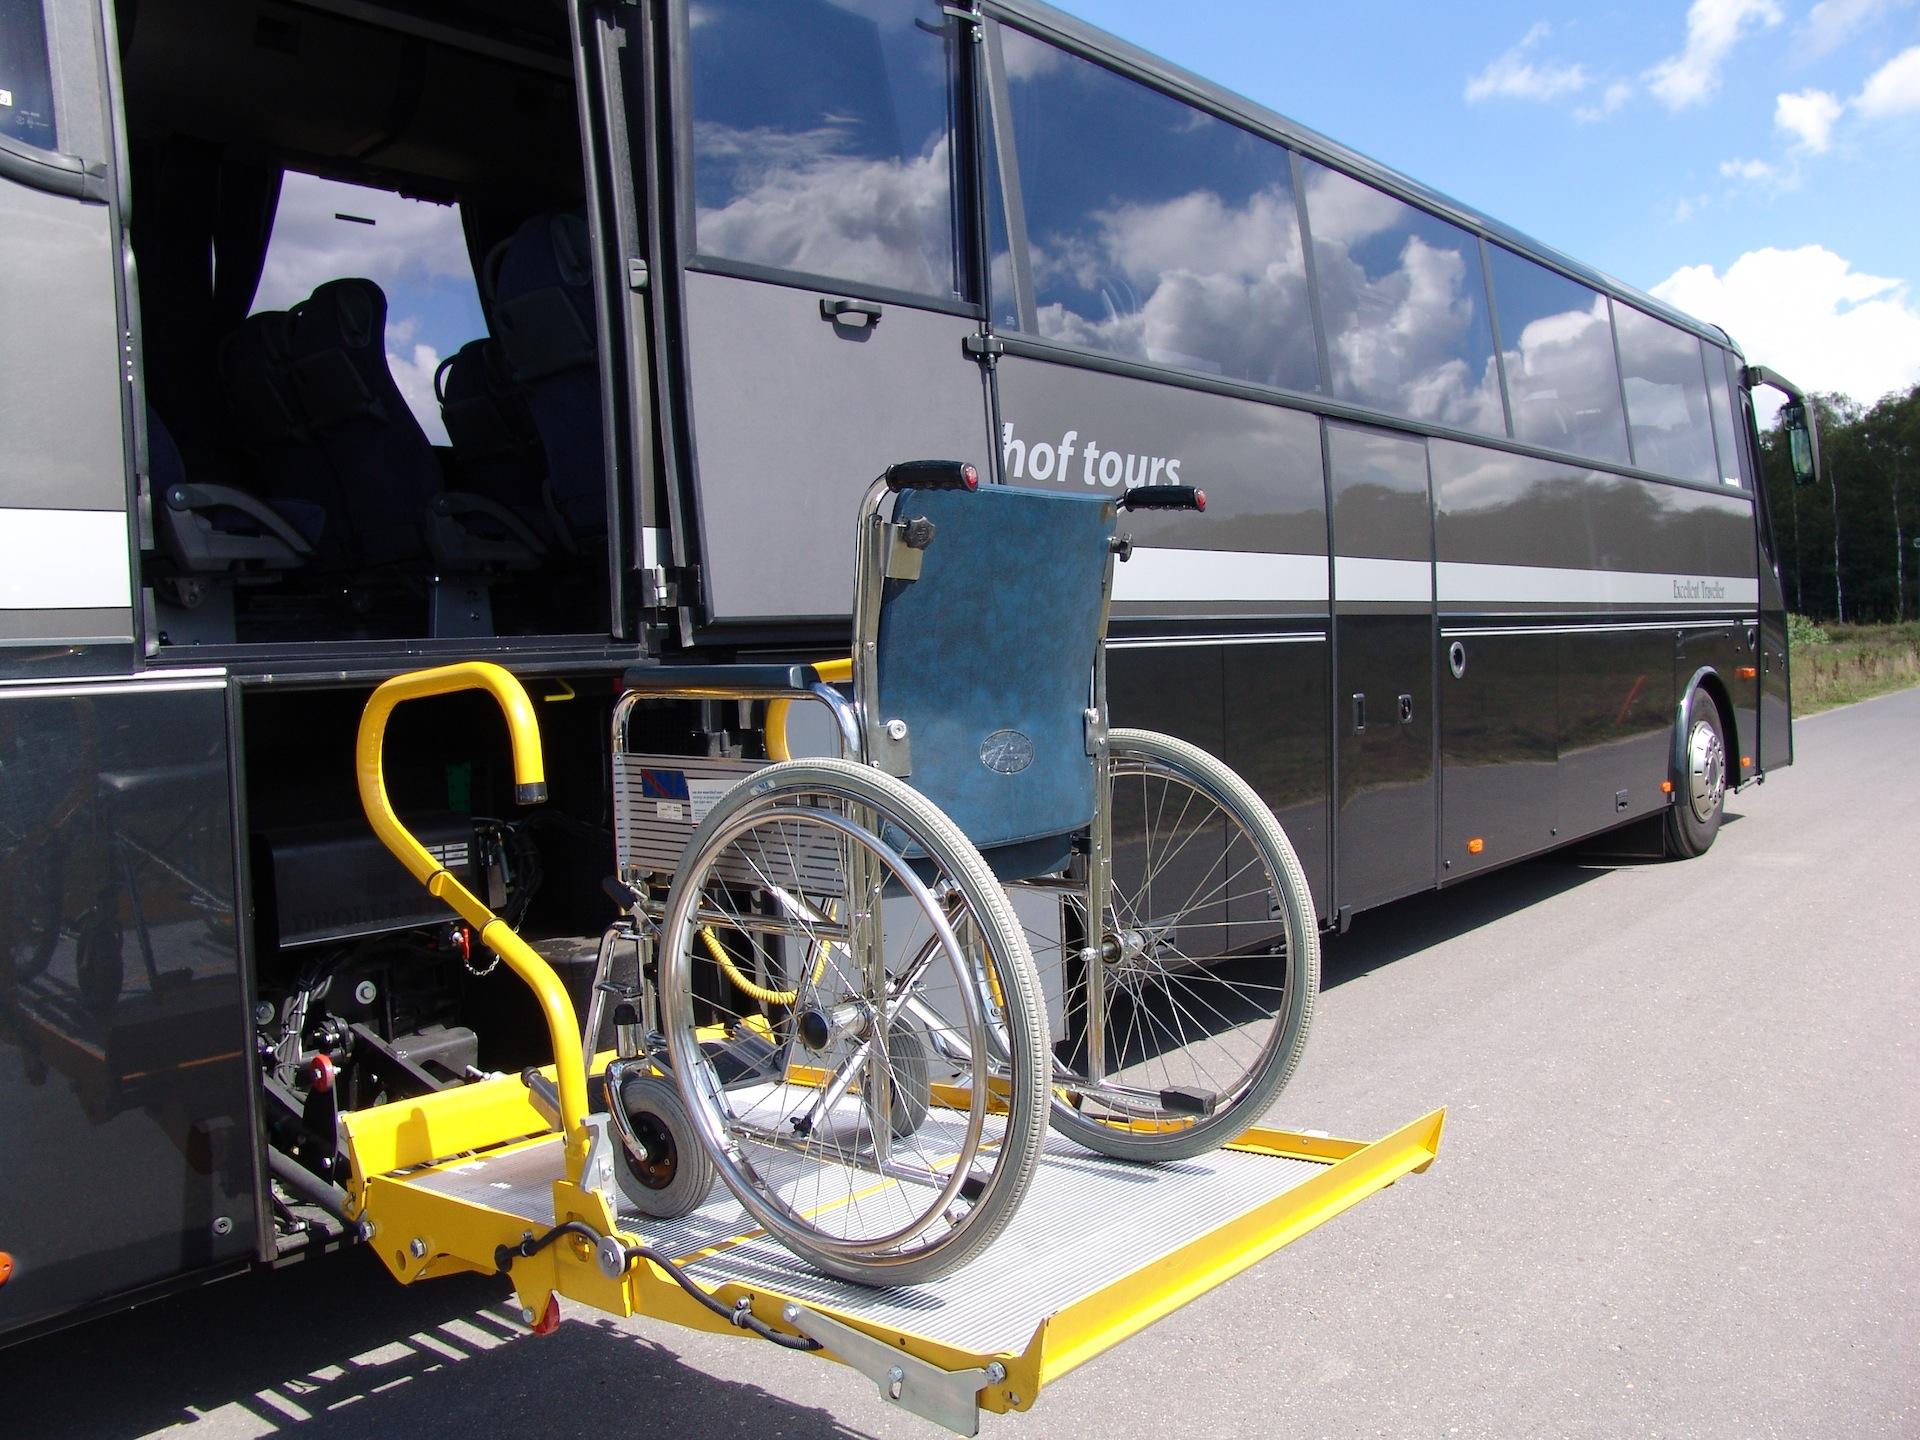 Royal Traveller - touringcar met rolstoelvoorziening VIP 45 personen